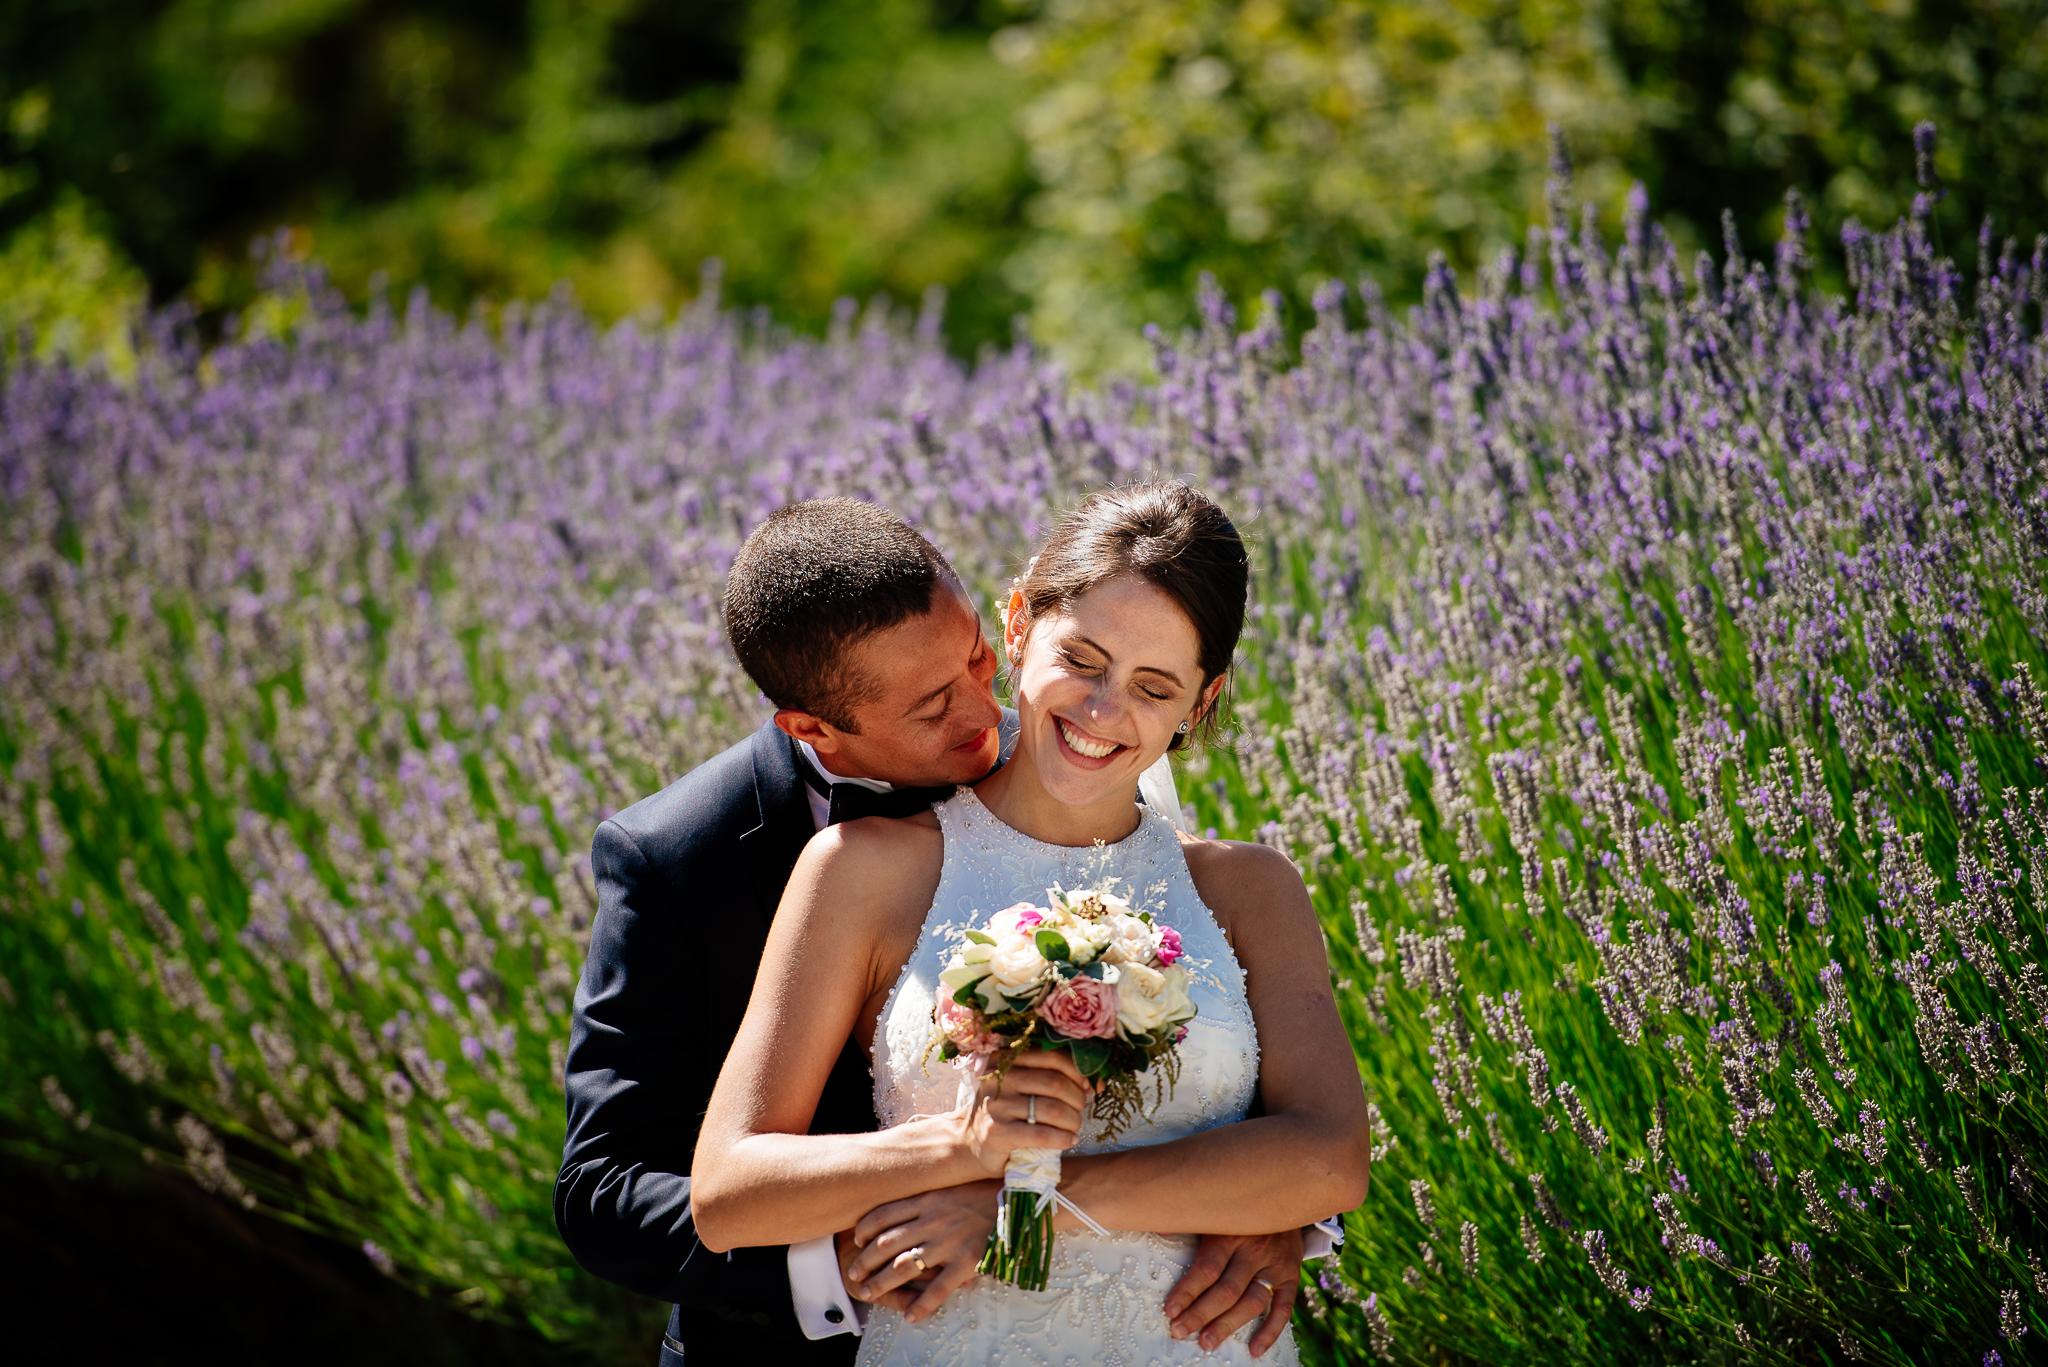 boda-bariloche-maxi-oviedo-fotografo-ramo-vestido-de-novia-48.jpg